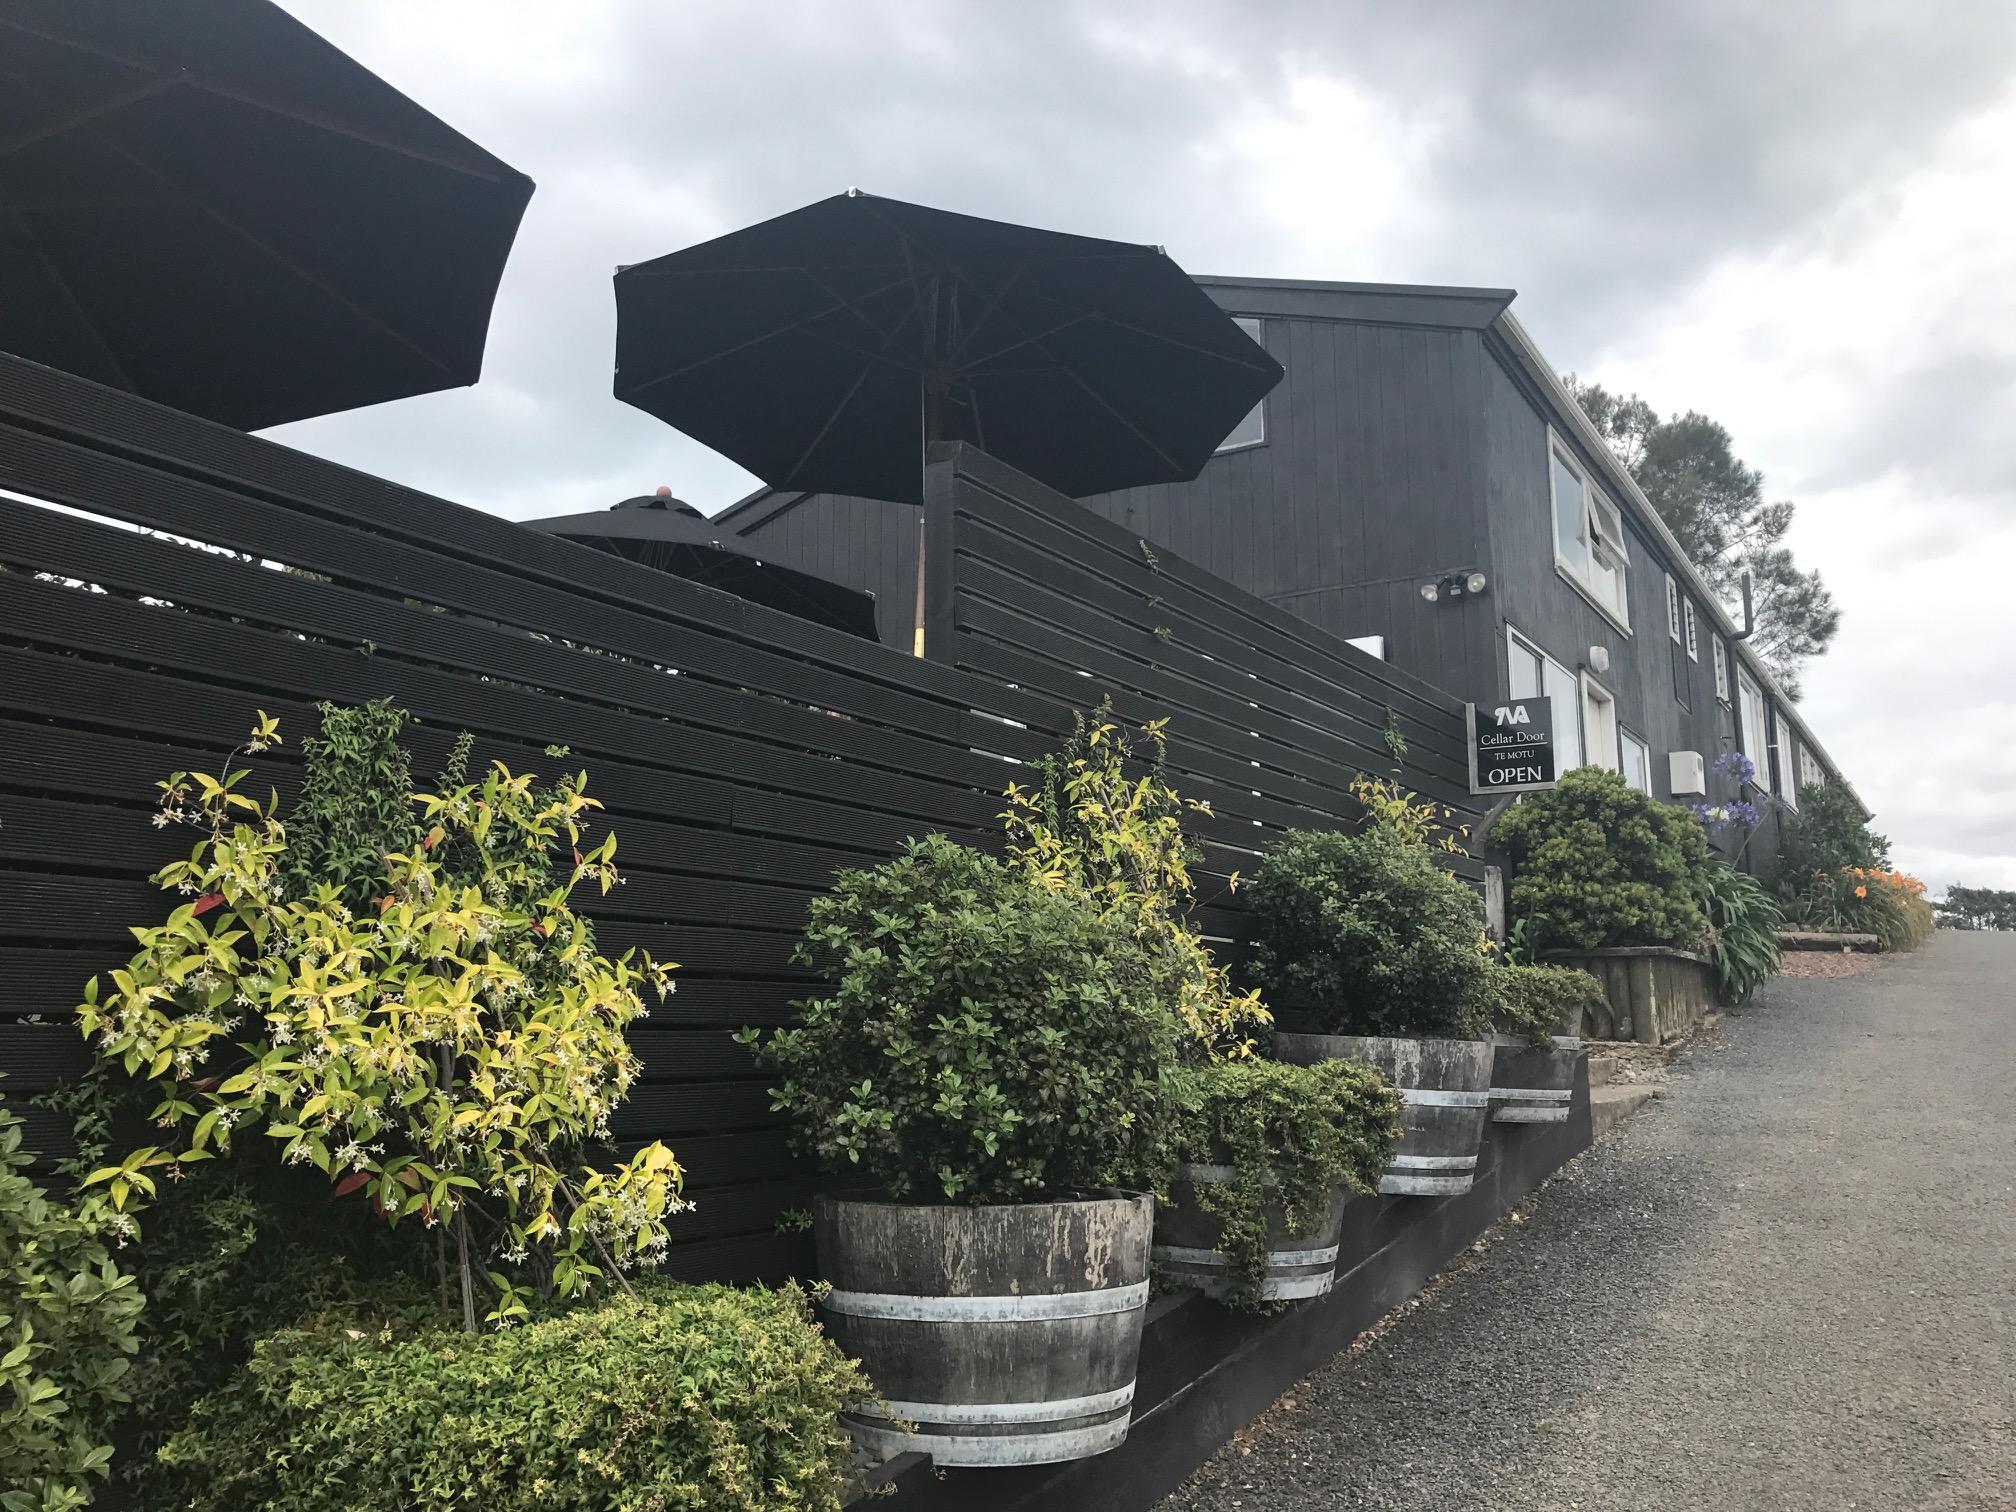 The Shed Restaurant at Te Motu Vineyard on Waiheke Island